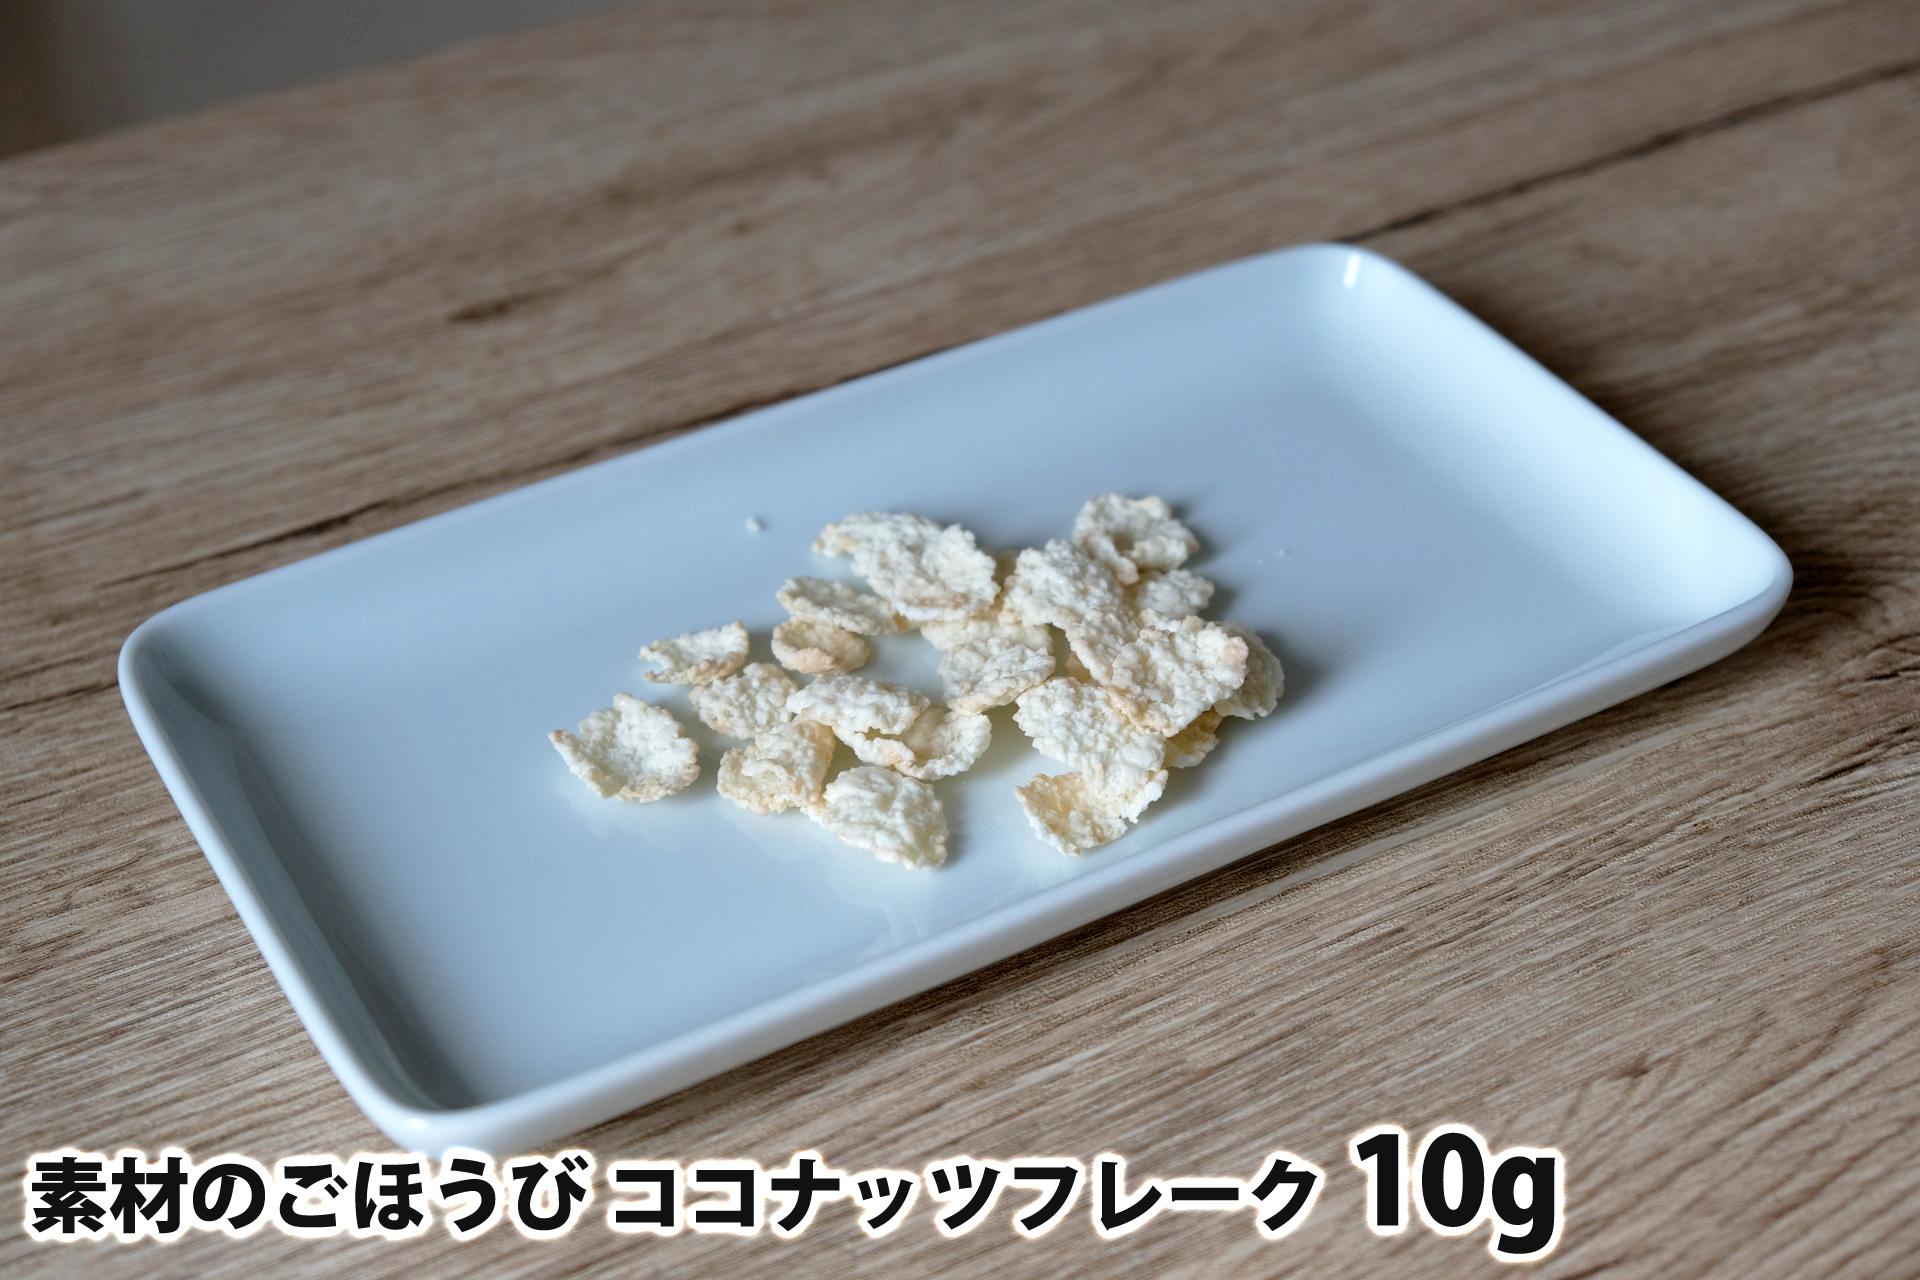 10gの素材のごほうび ココナッツフレーク